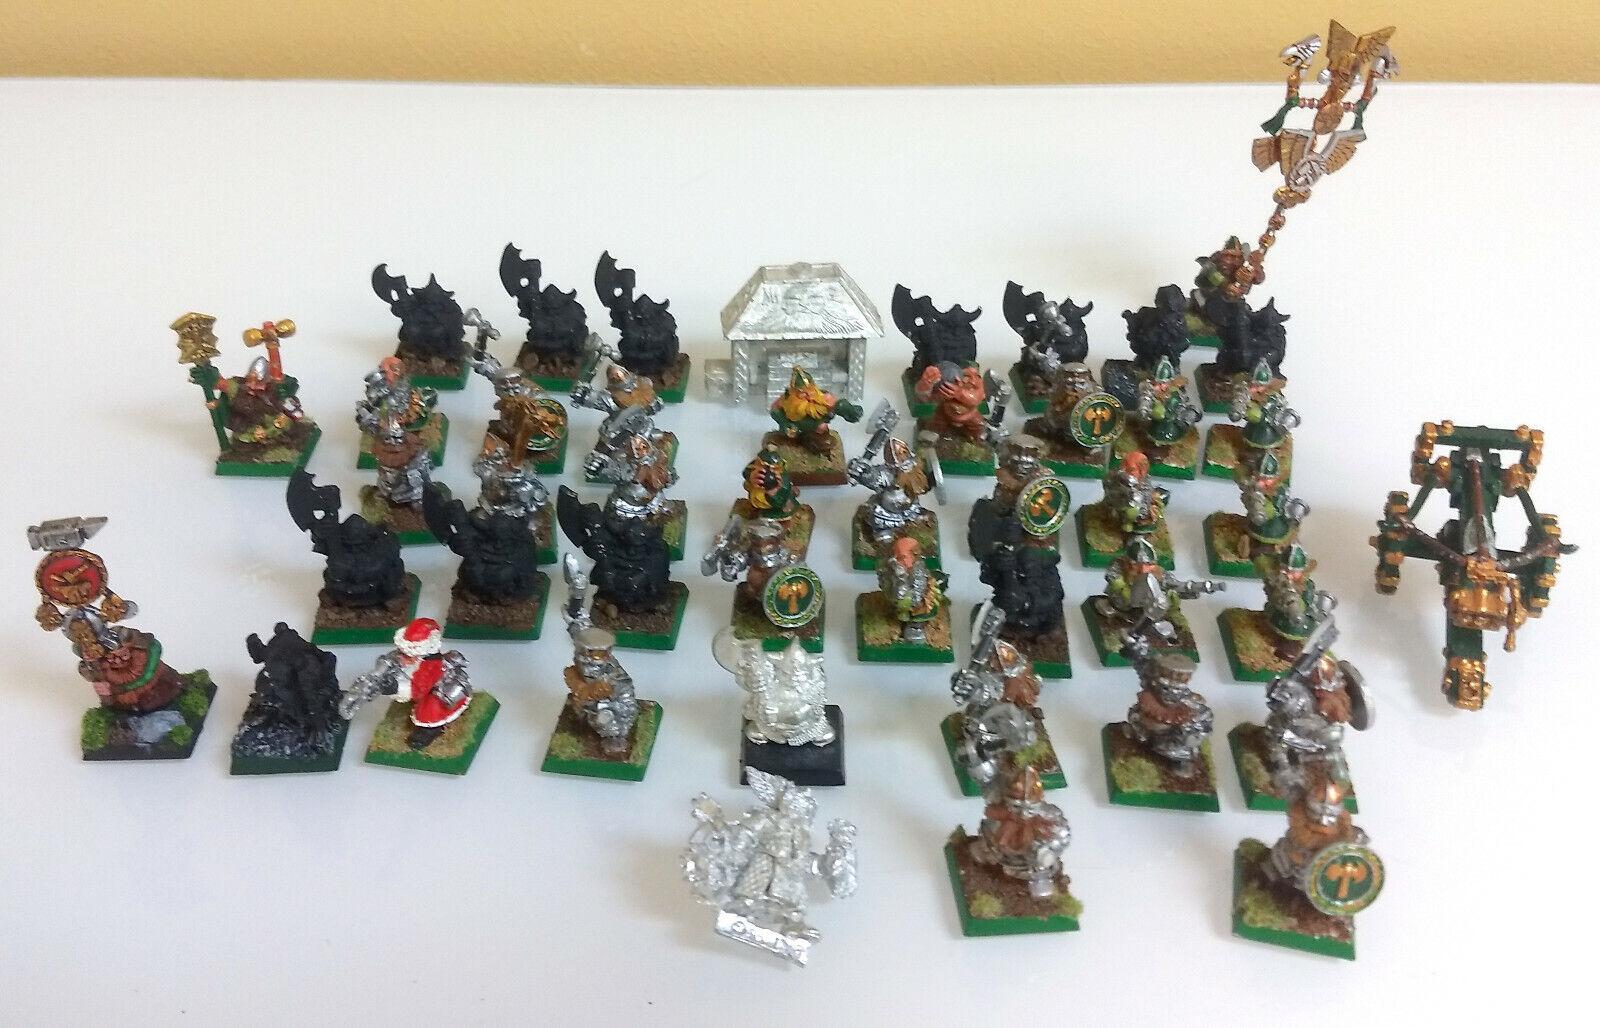 Lote De Juegos taller Warhammer Fantasy enanos metal pintado sin pintar caso enano